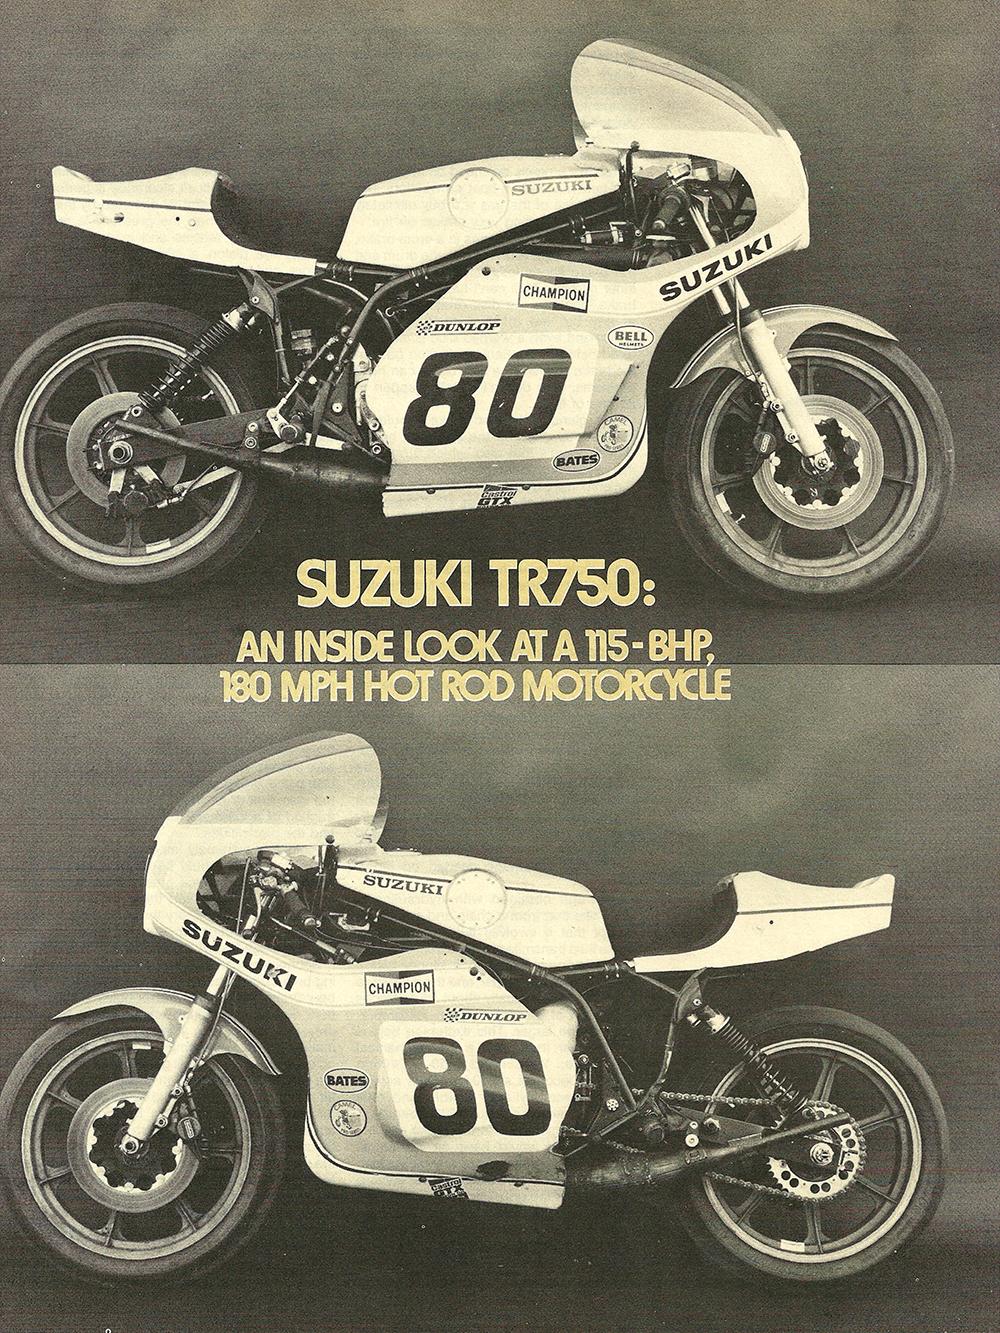 1976 Suzuki TR750 01.jpg